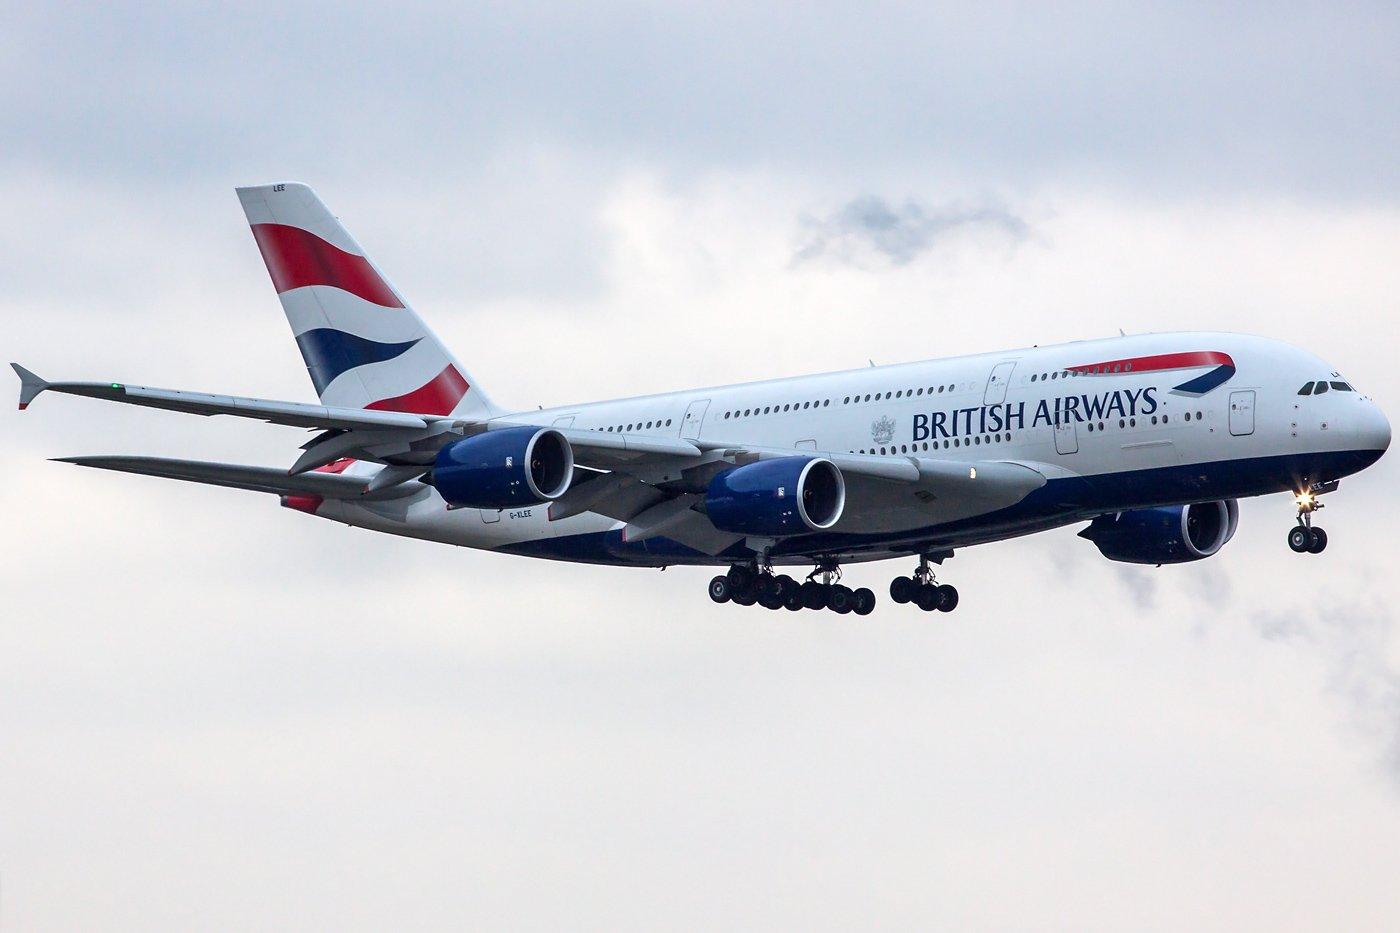 British Airways Airbus A380-841 G-XLEE